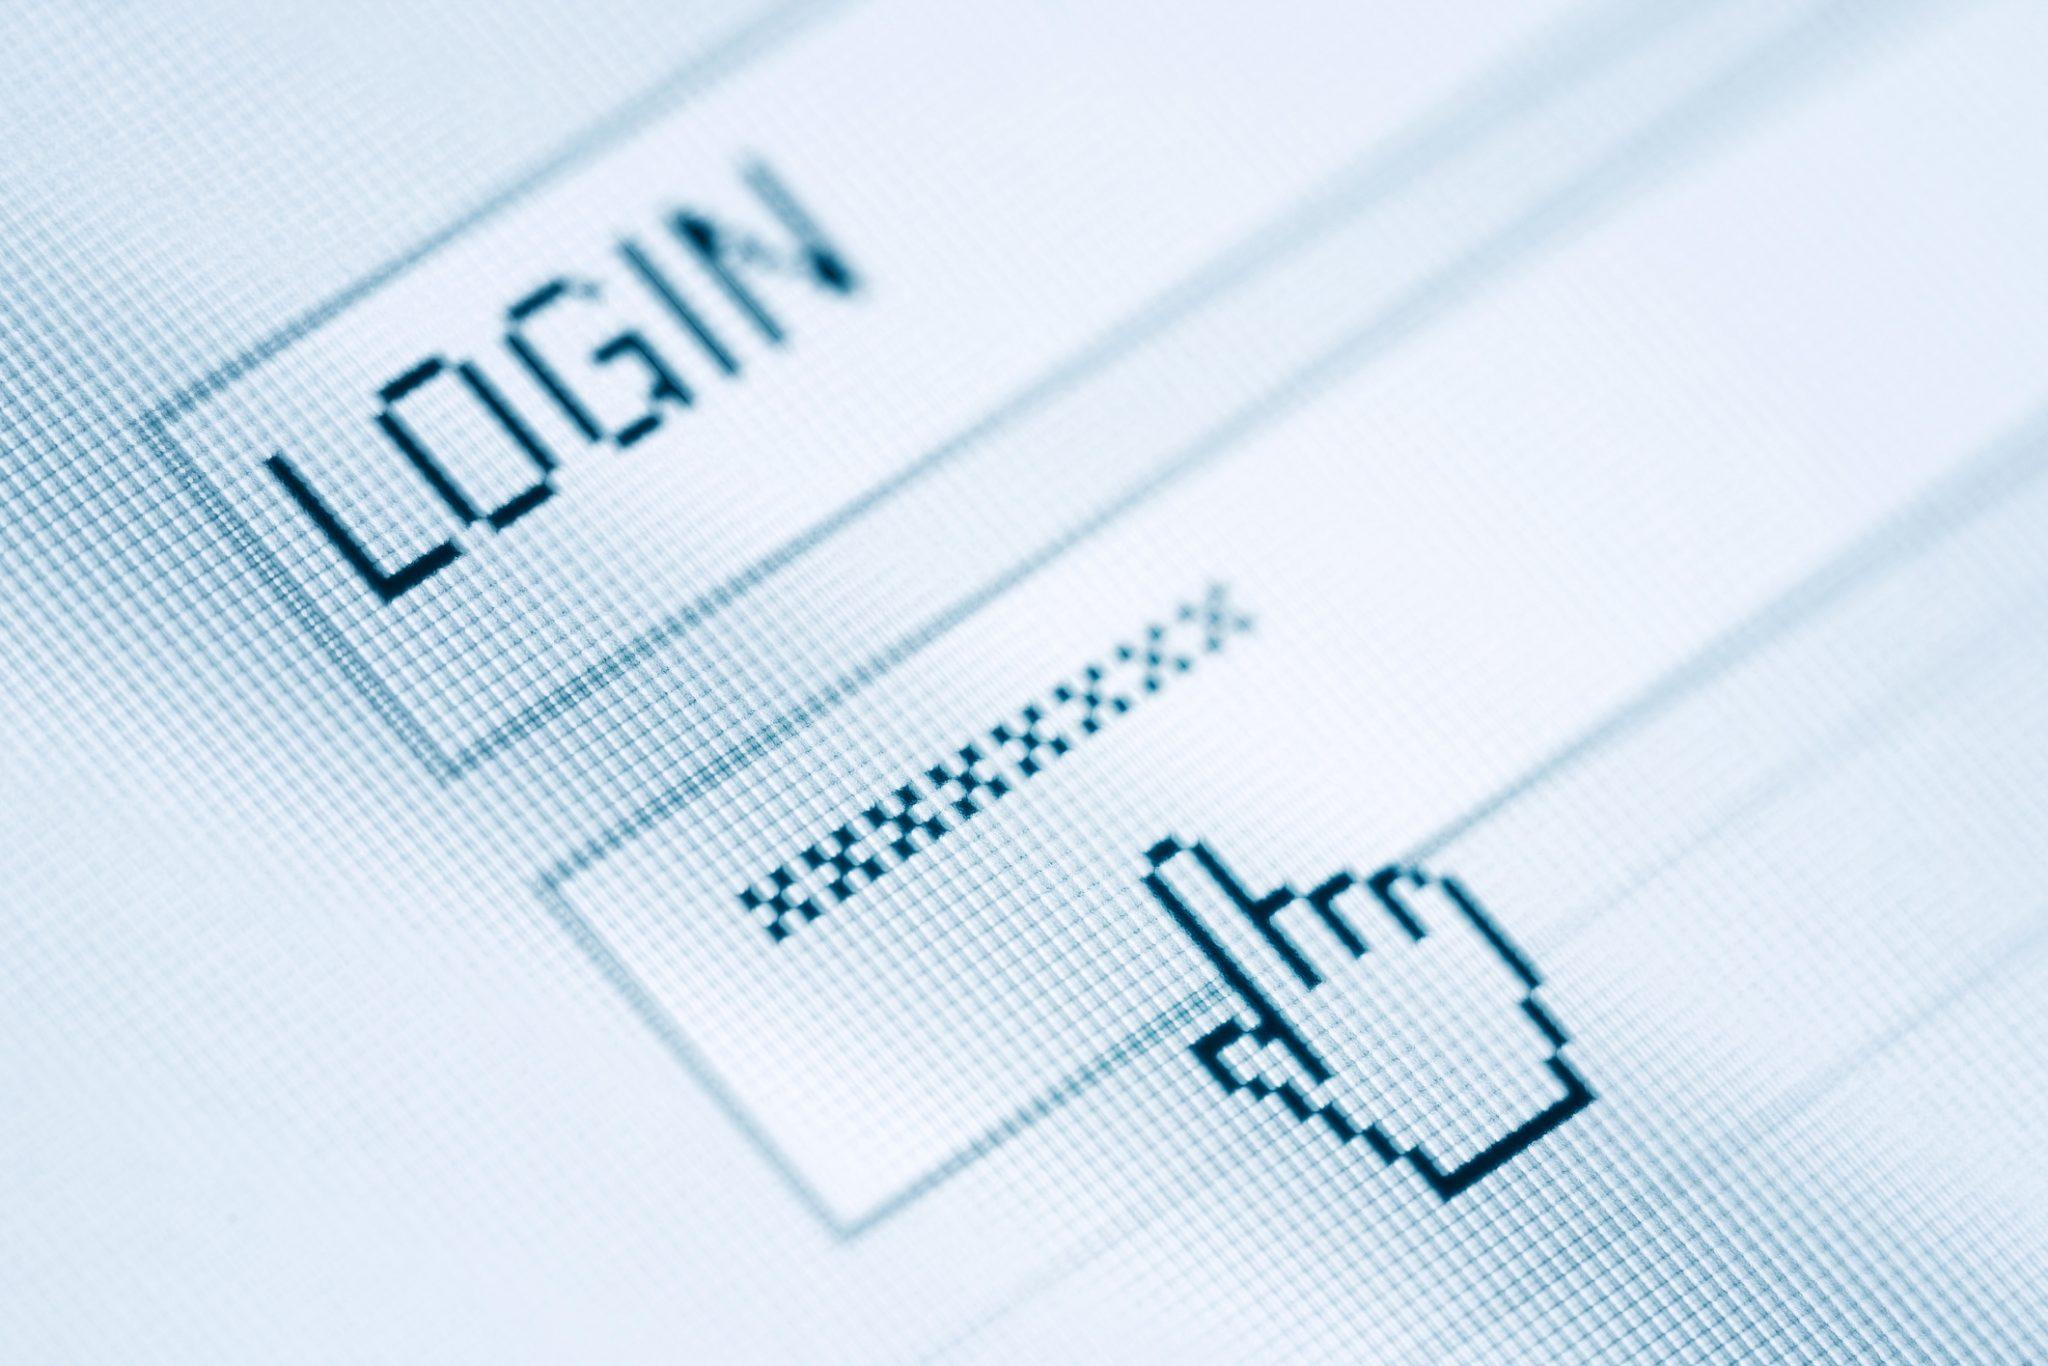 Website Login Security